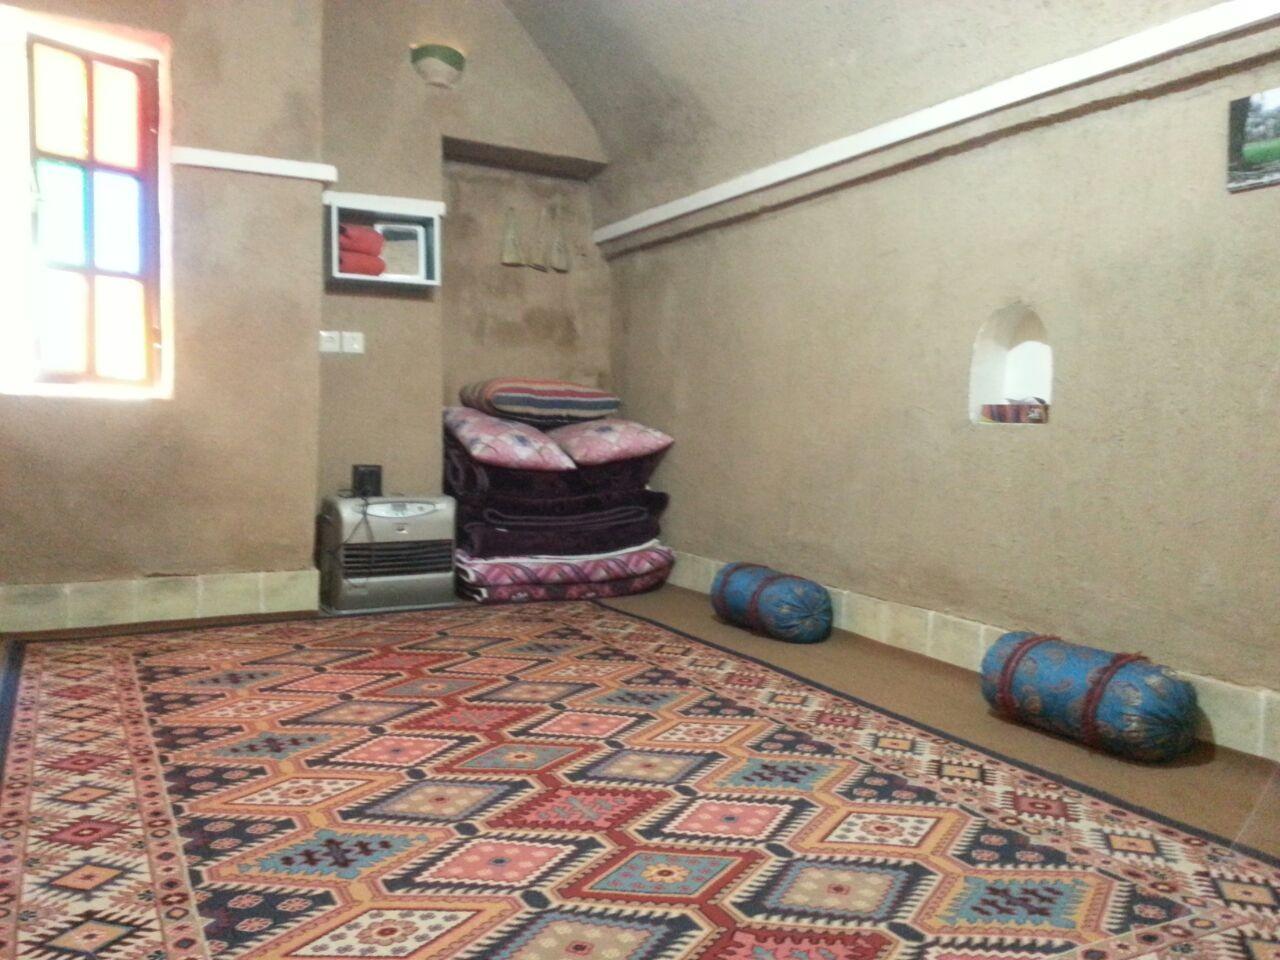 کویری اقامتگاه بومگردی در خور اصفهان _ اتاق7